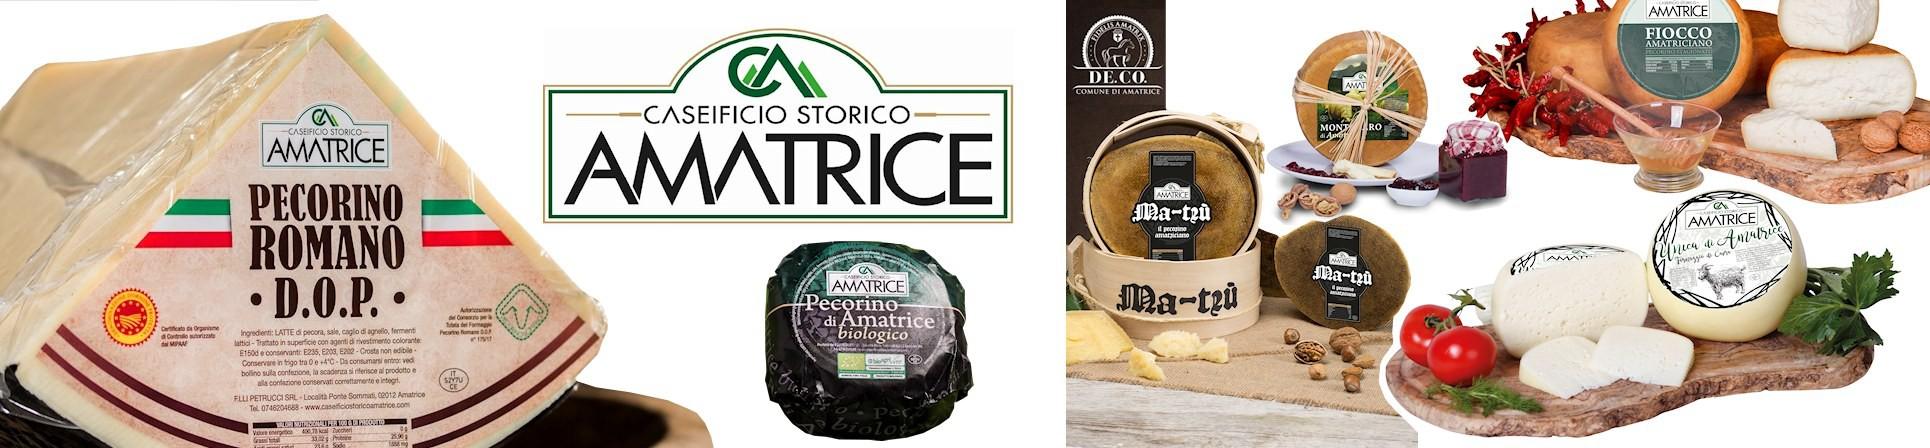 B2B GUSTOX - il Marketplace all'ingrosso delle eccellenze agroalimetari italiane - Caseificio Storico Amatrice